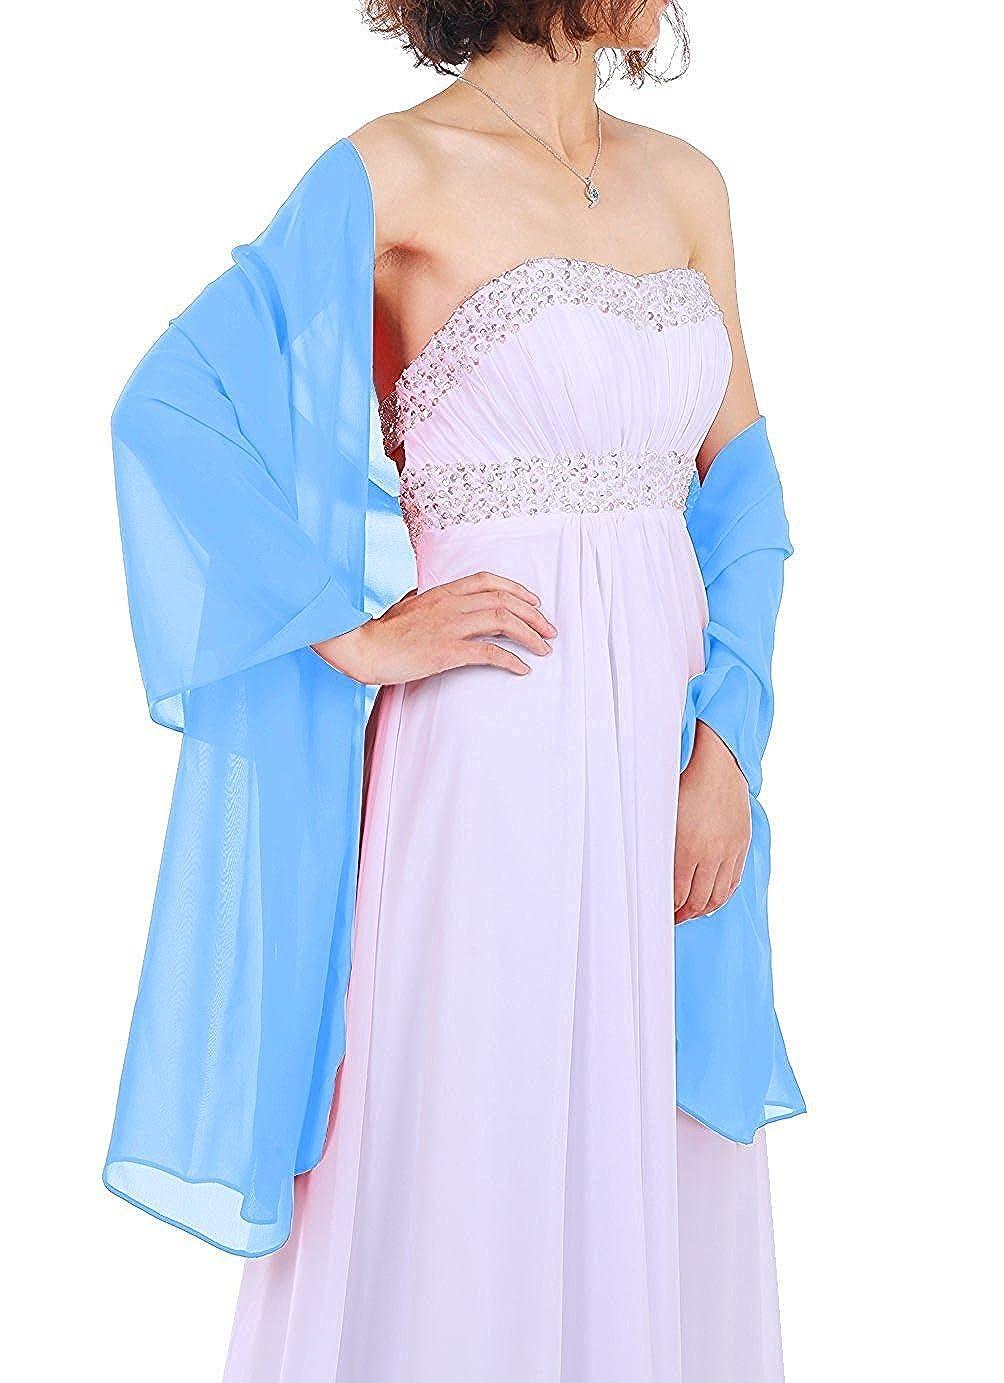 Dressystar Chiffon Stola Schal für Kleider in verschiedenen Farben AMY333Black